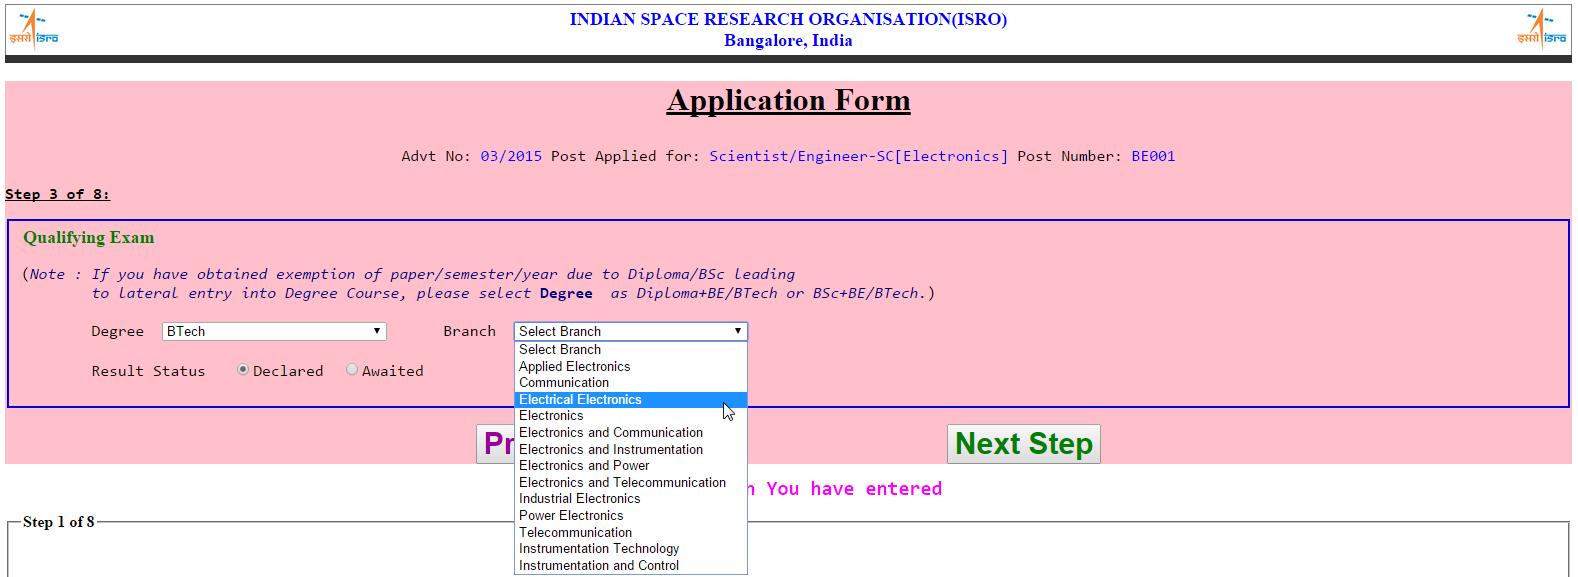 isro-ec-eligibility-2